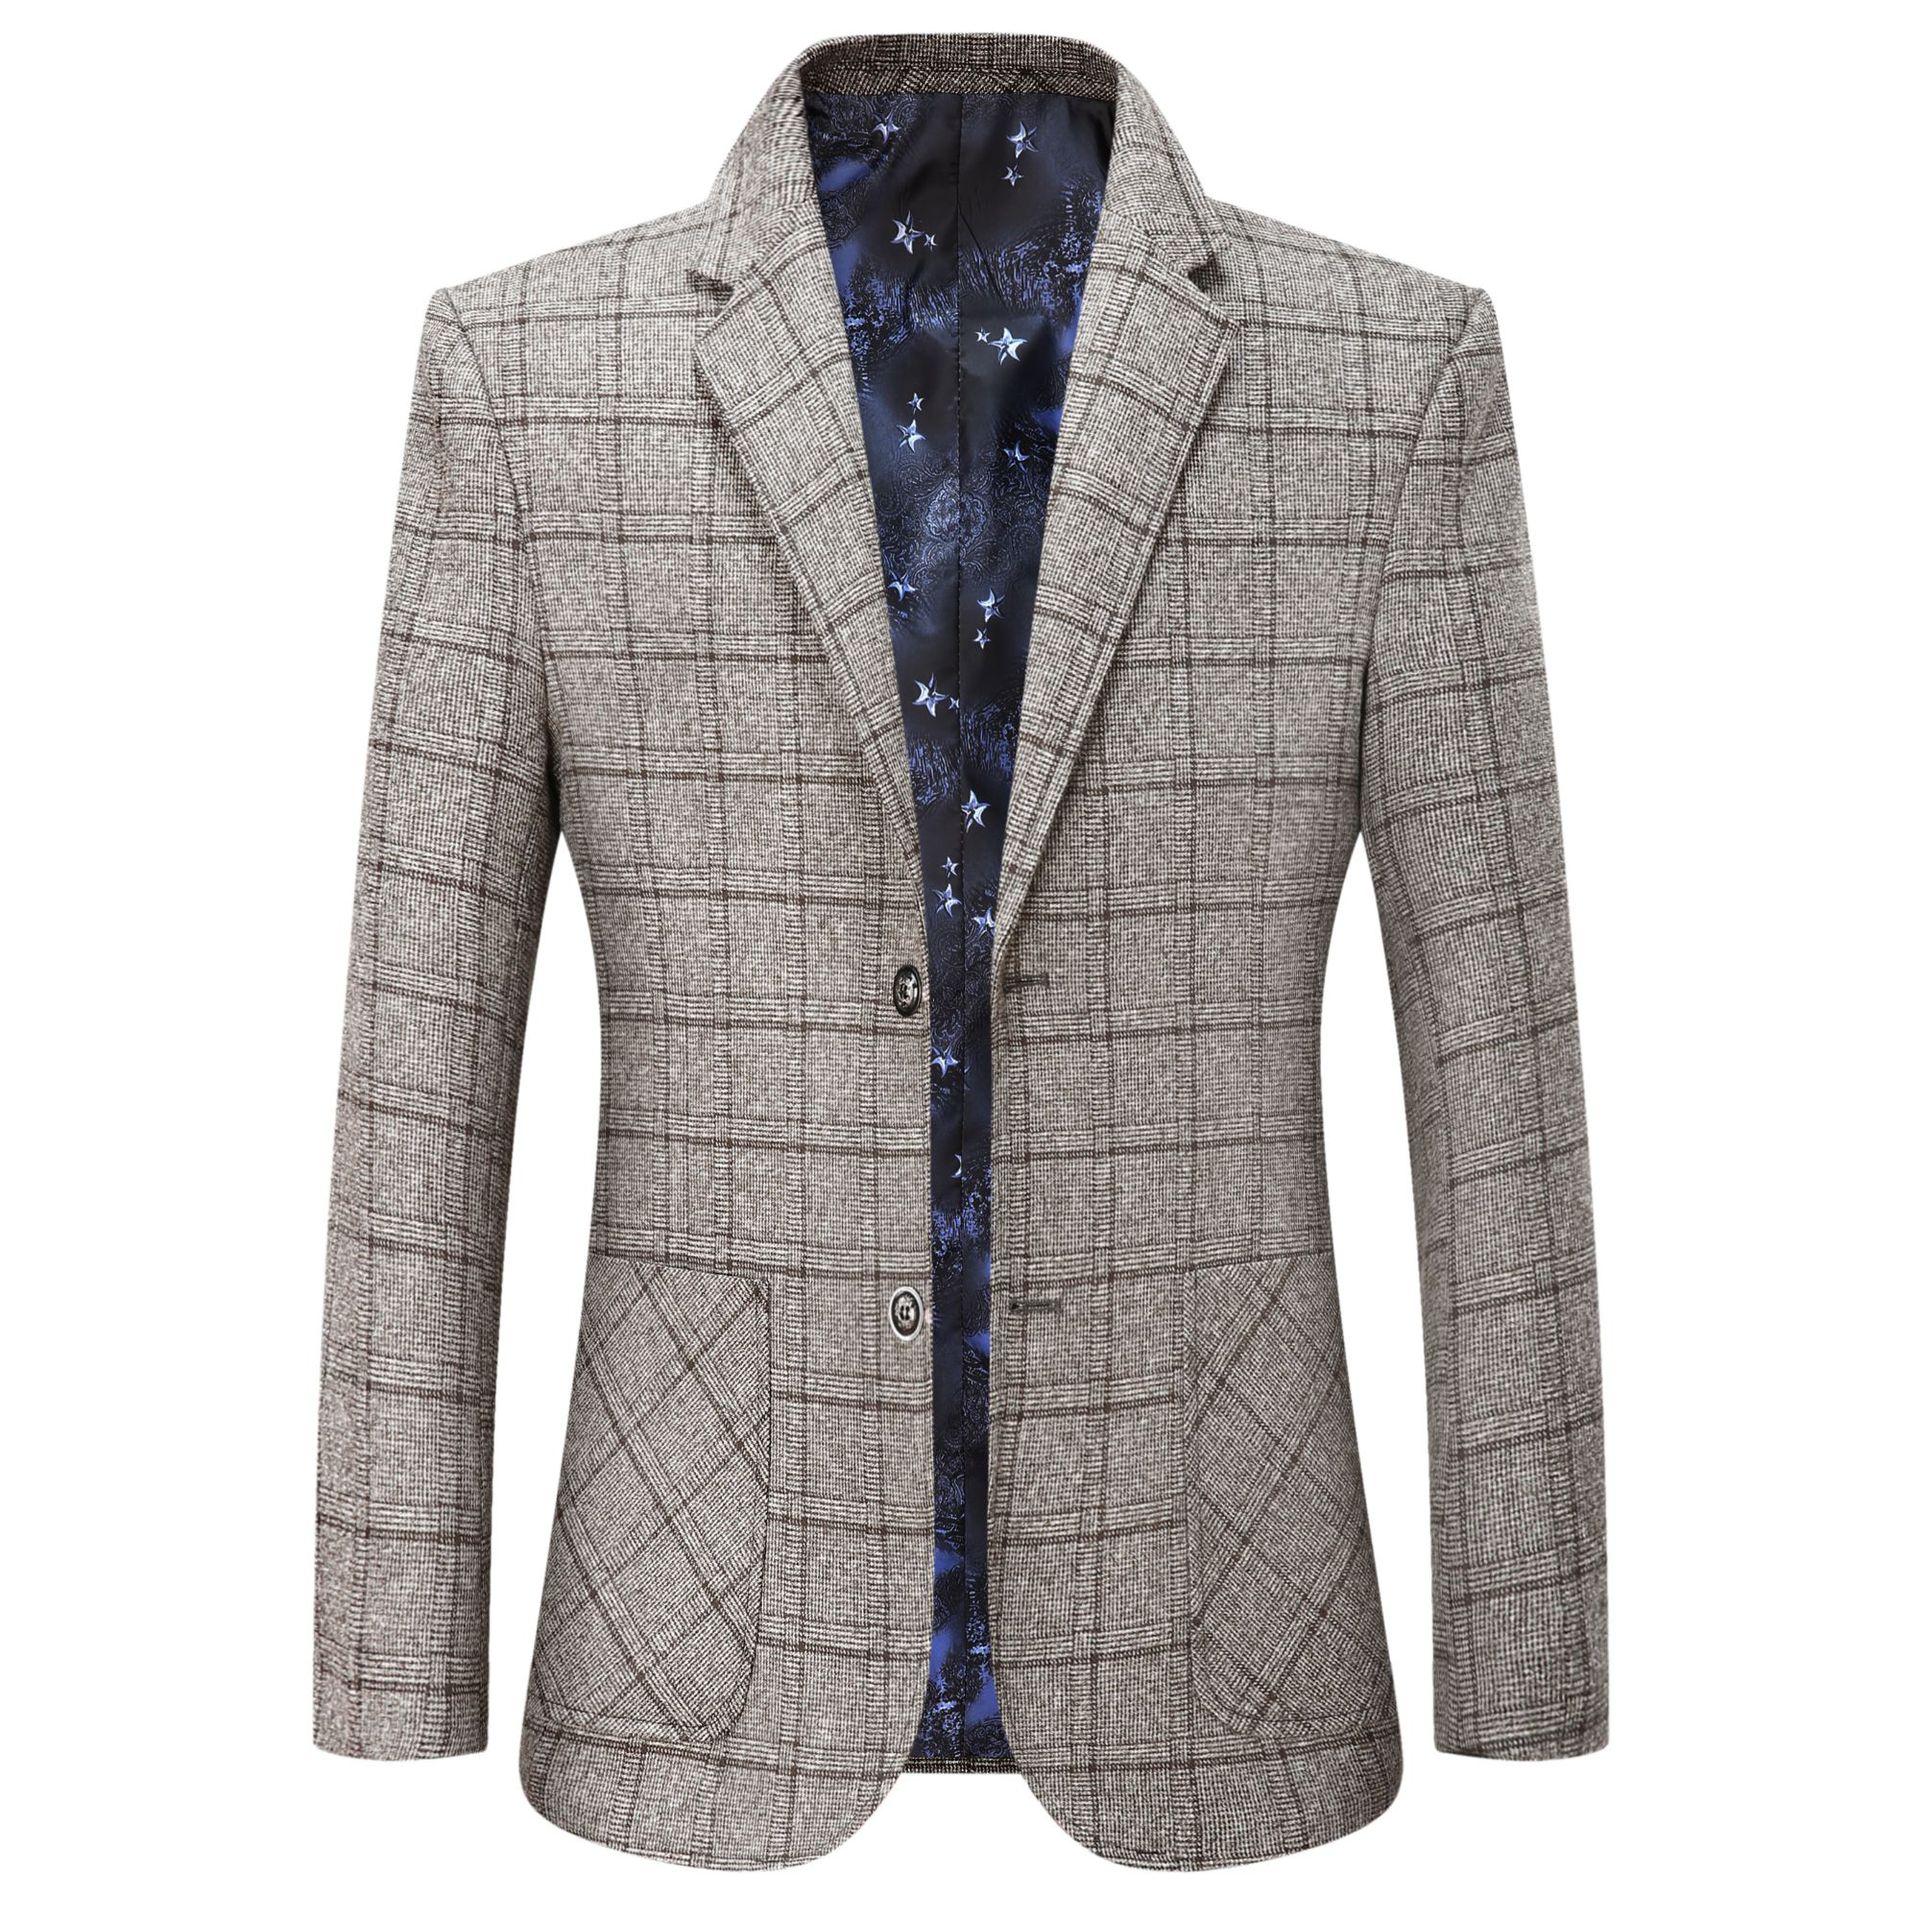 Mens Blazers Autumn Winter Men's Jacket Plaid Suit Coat Men Middle-aged Spring Business Casual Suit Outerwear Jacket Male